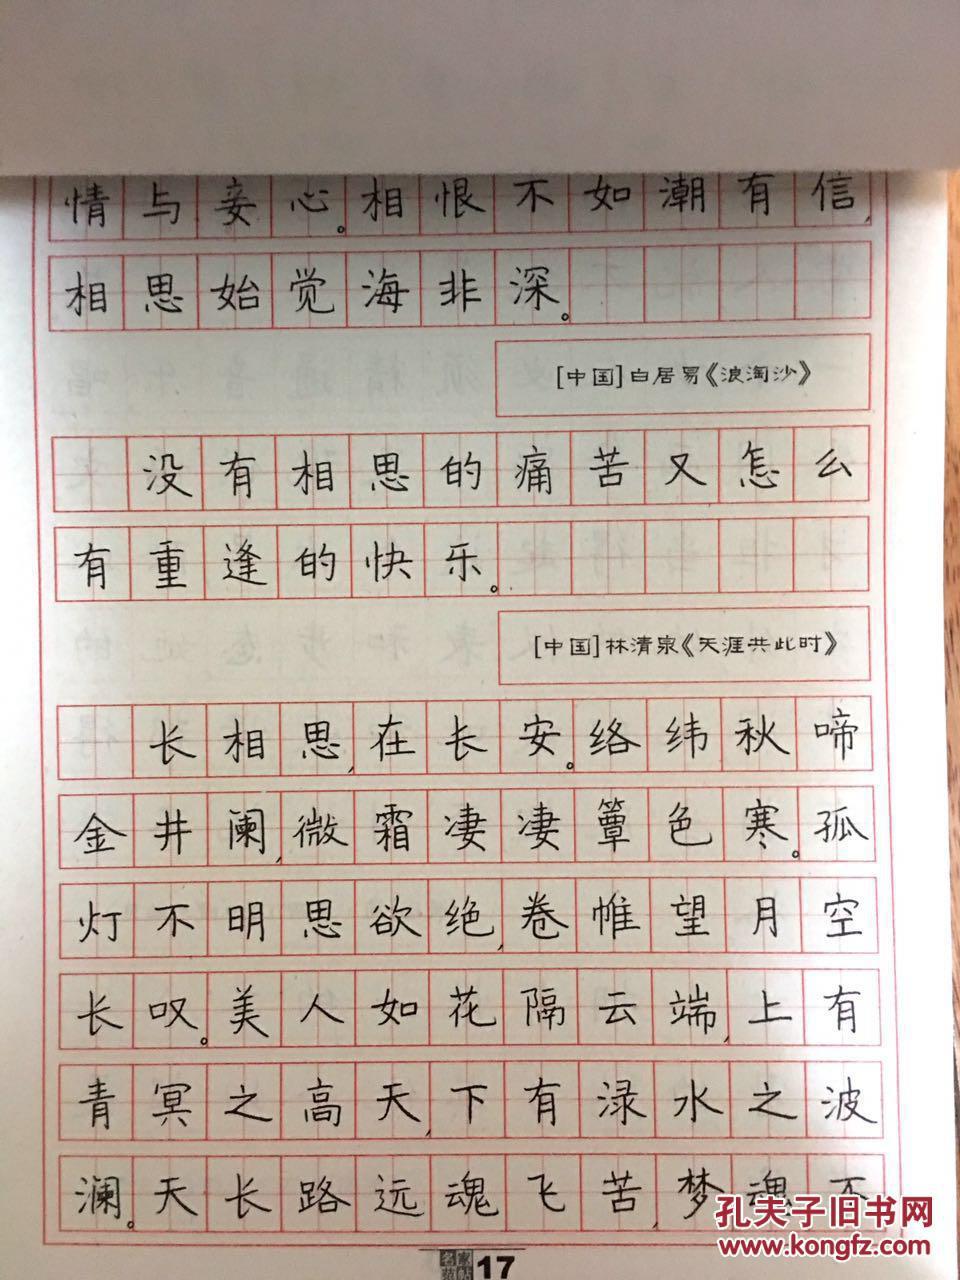 李洪川钢笔行书字帖 中外爱情名句图片